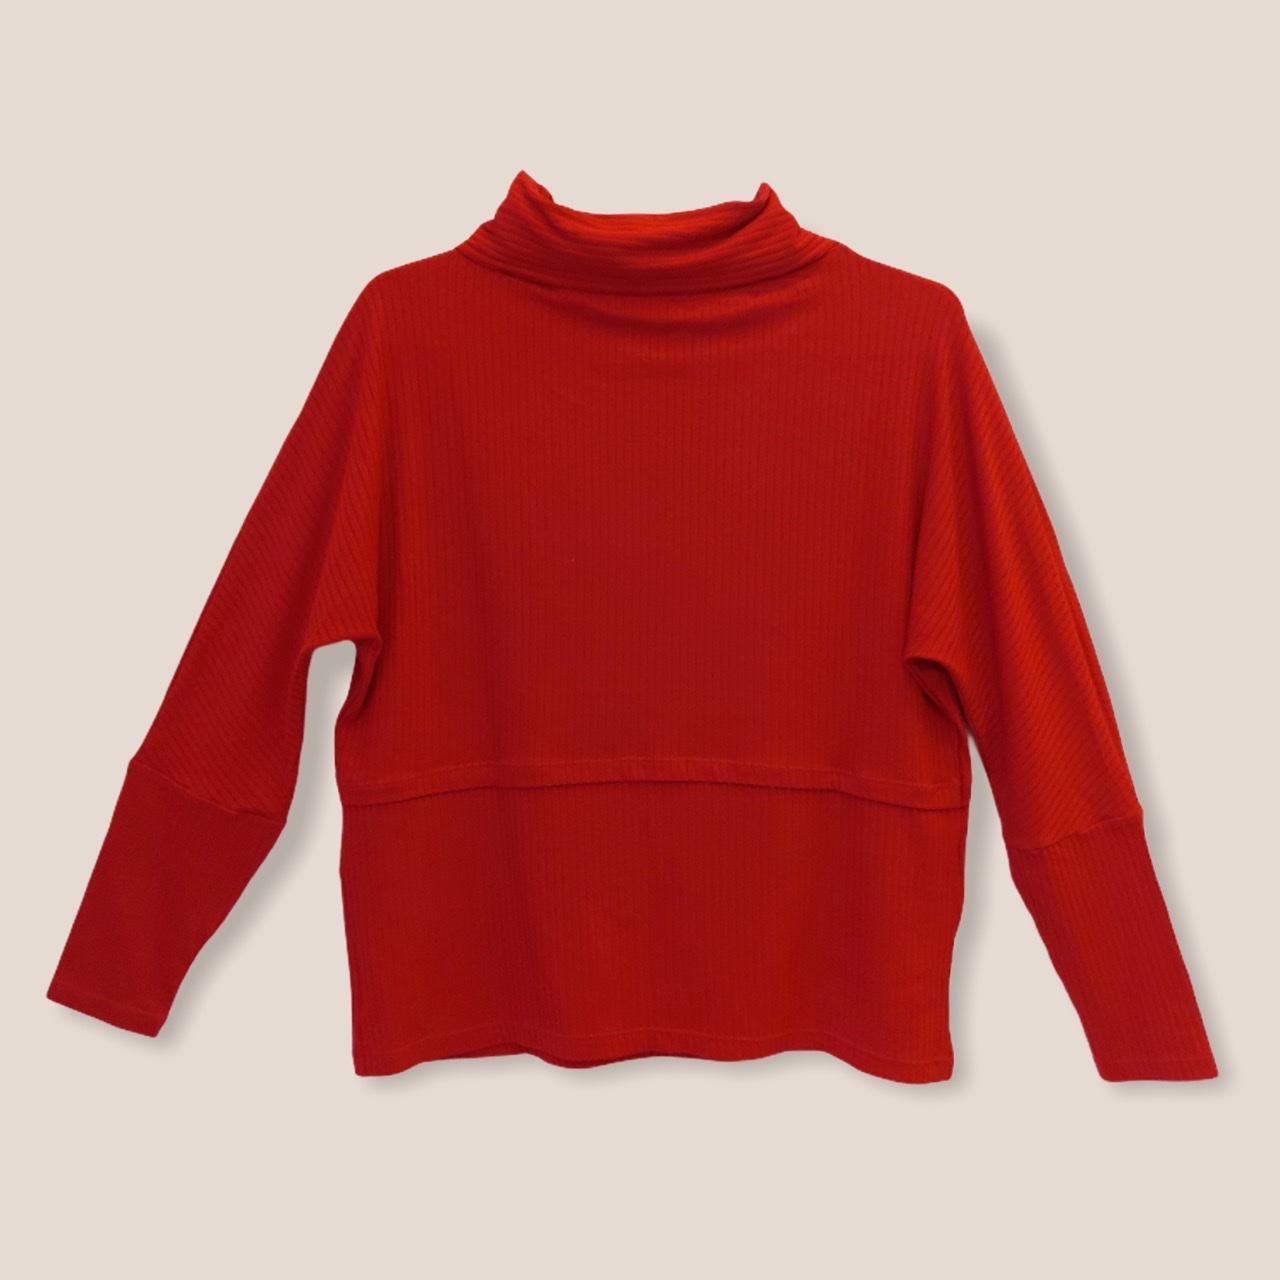 Blusa Ligia vermelha canelada  - Vivian Bógus